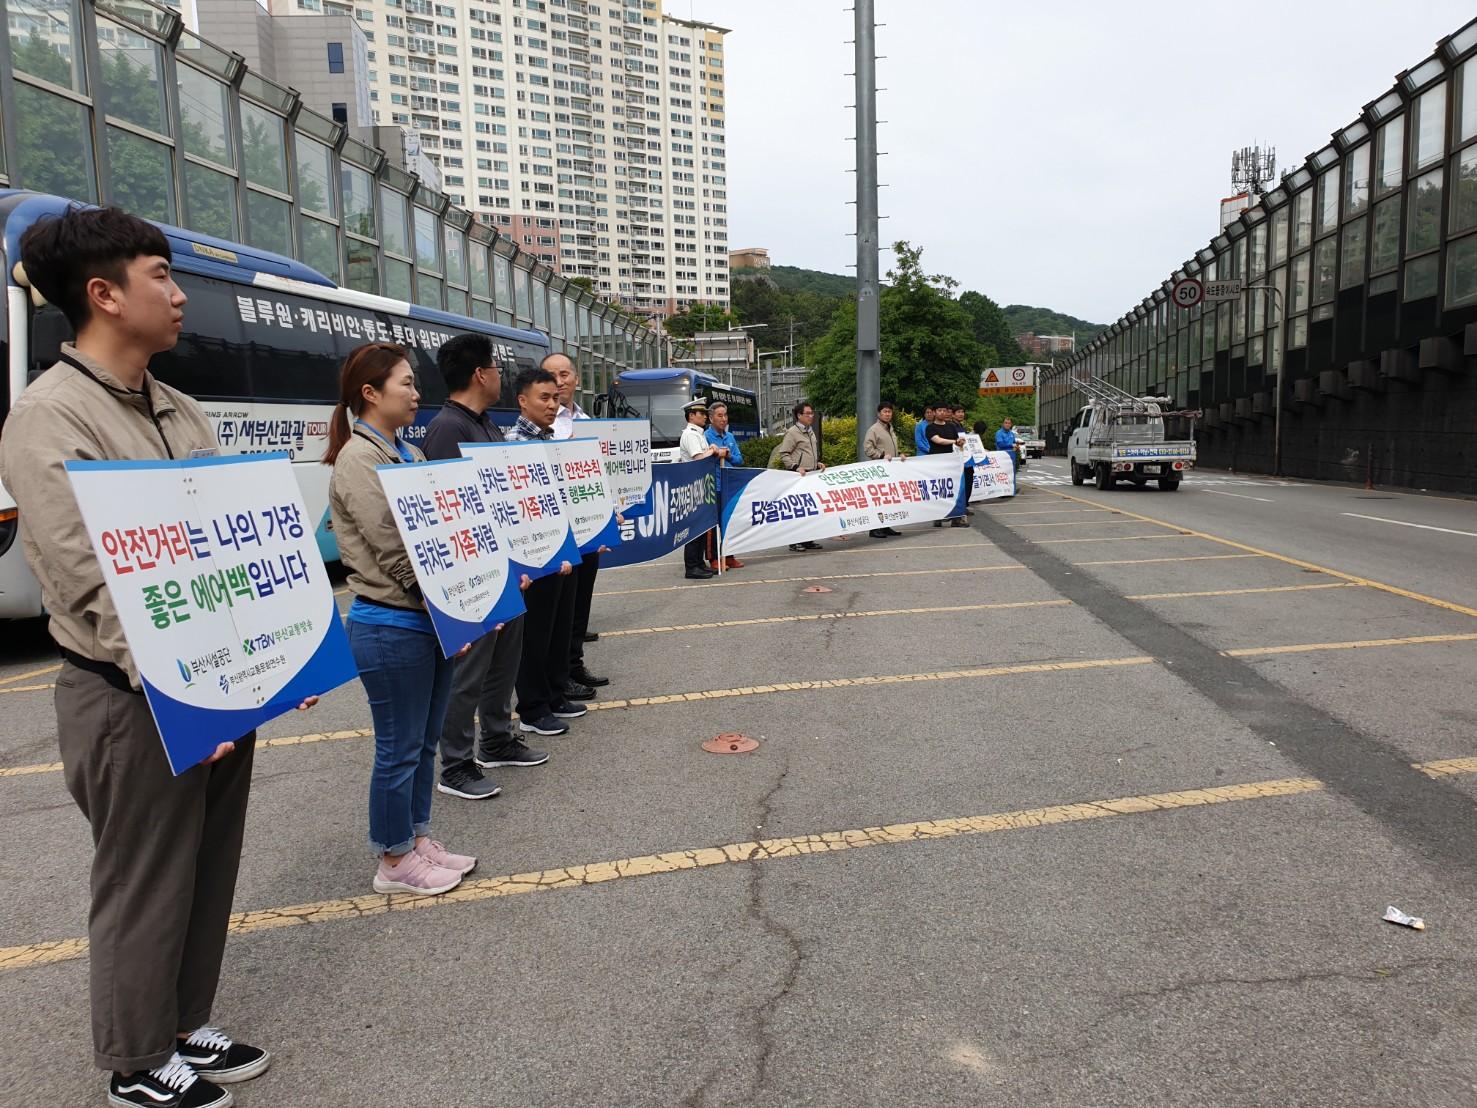 황련터널 전포방면 입구에서 교통문화정착 위한 캠페인 피켓과 현수막을 들고 사람들이 서 있다.(측면사진)